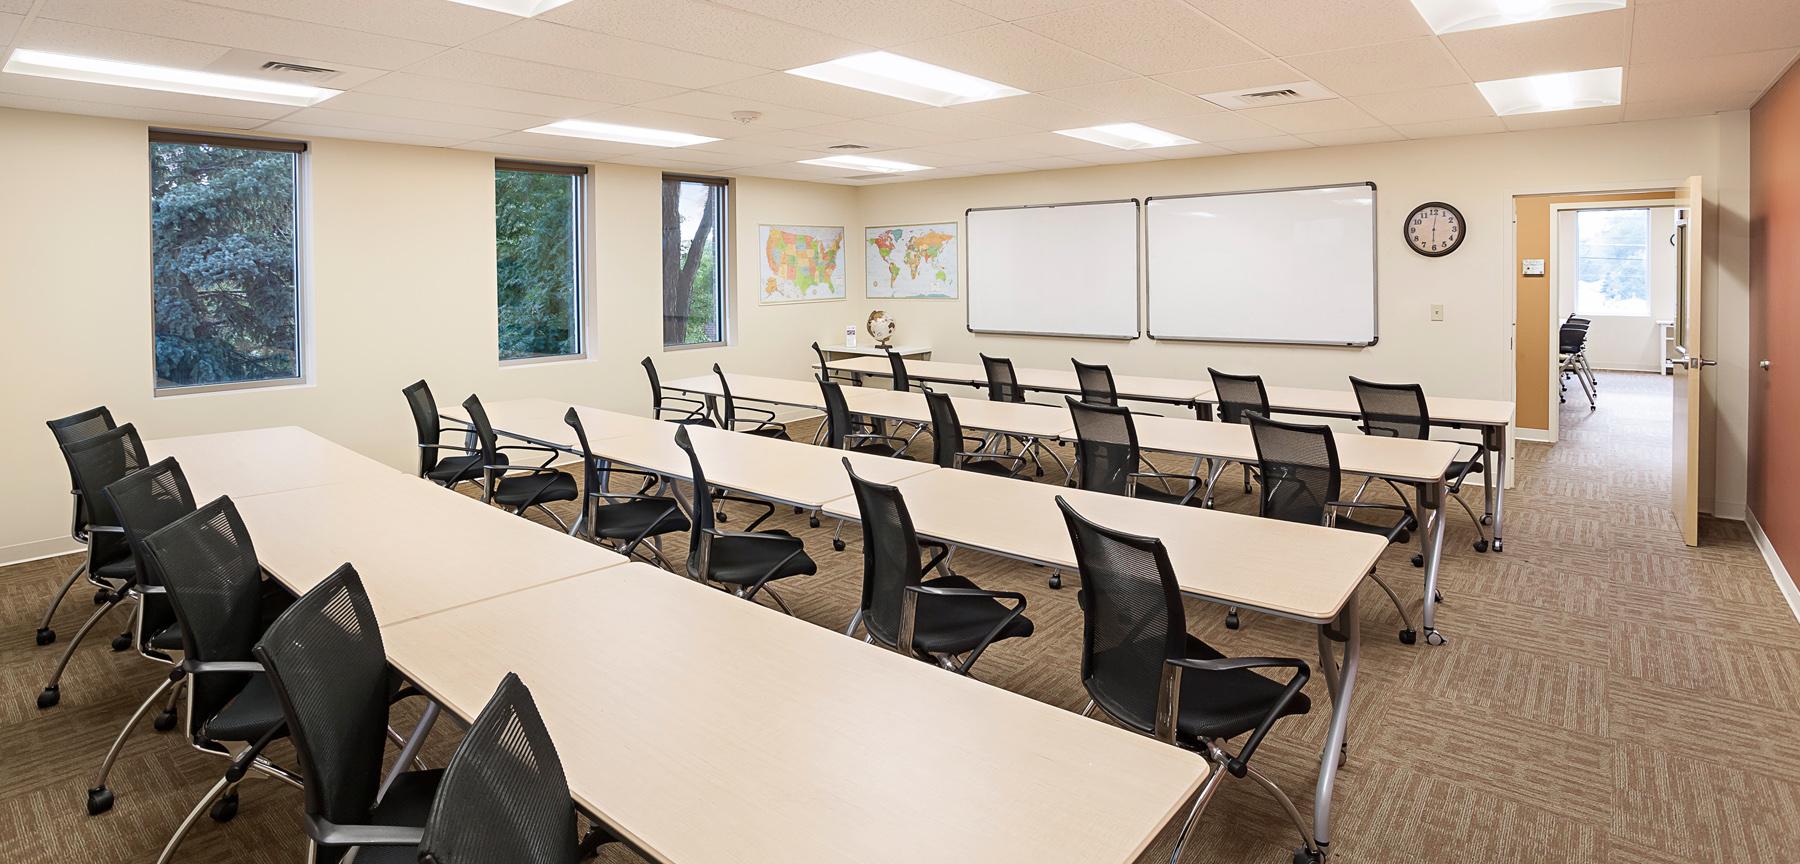 Asian Pacific Development Center classrooms